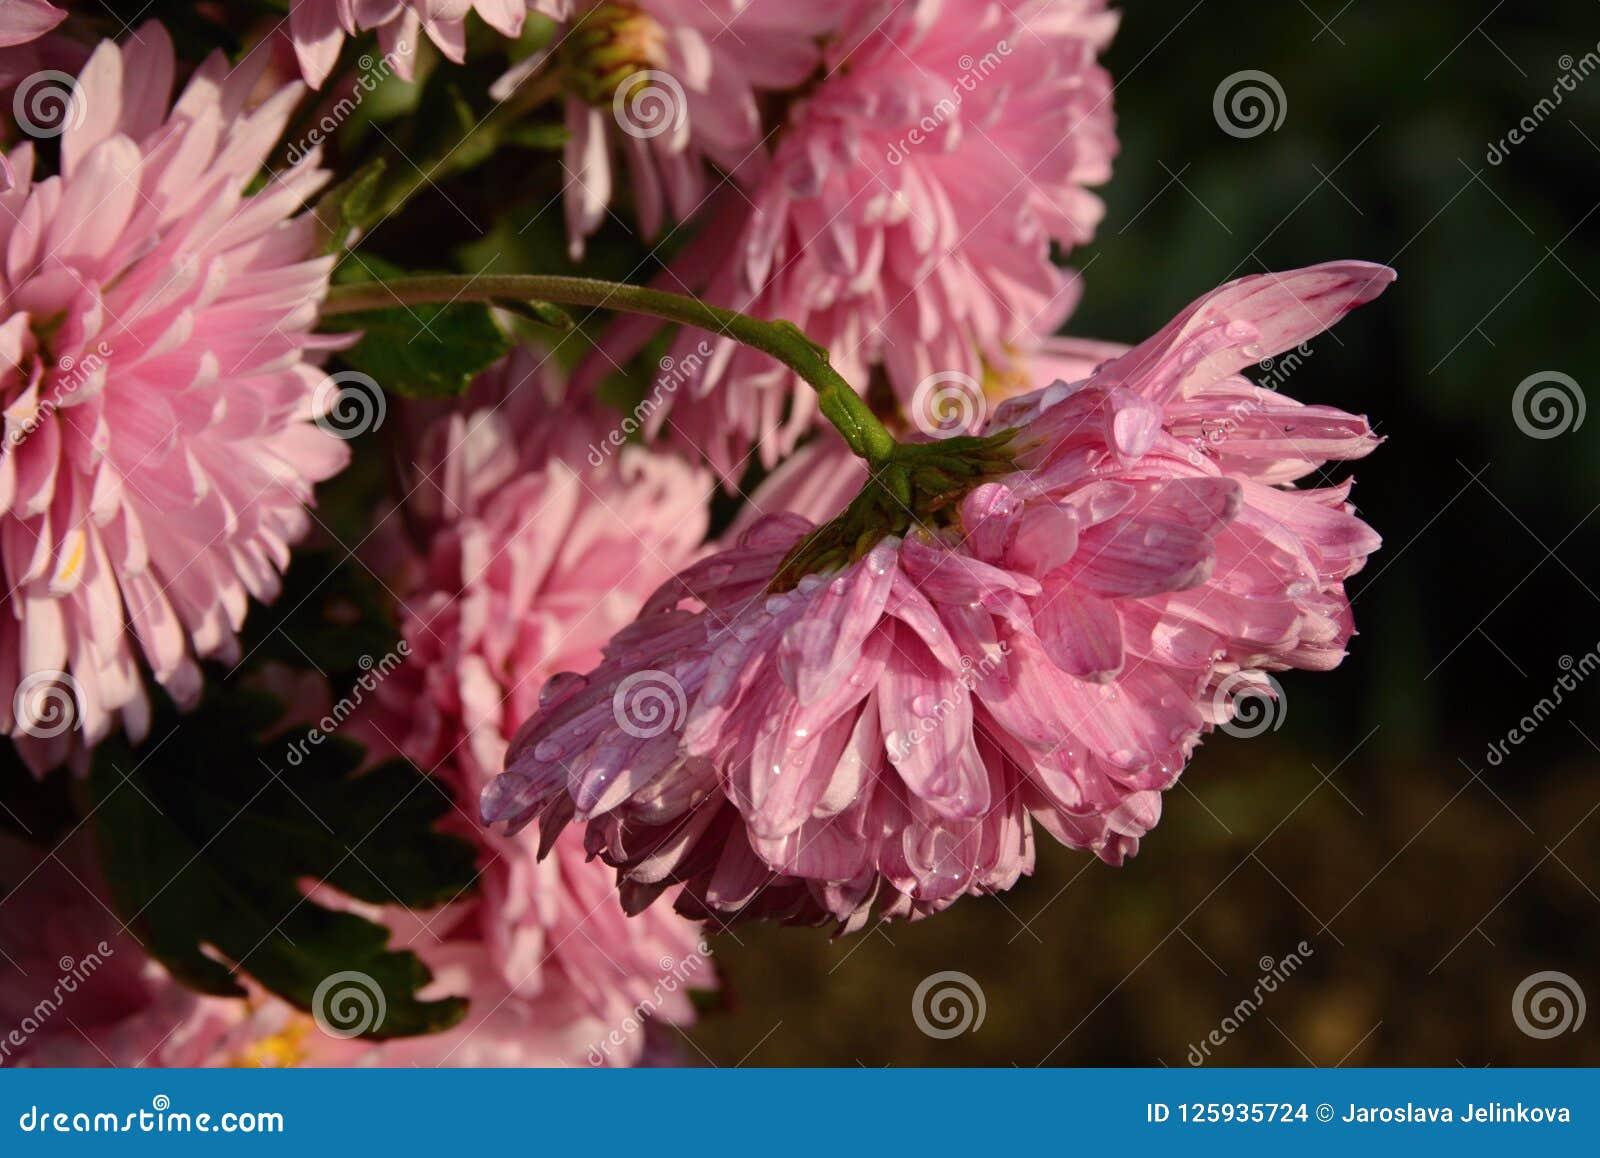 Chrysanthèmes roses après pluie à la lumière du coucher de soleil